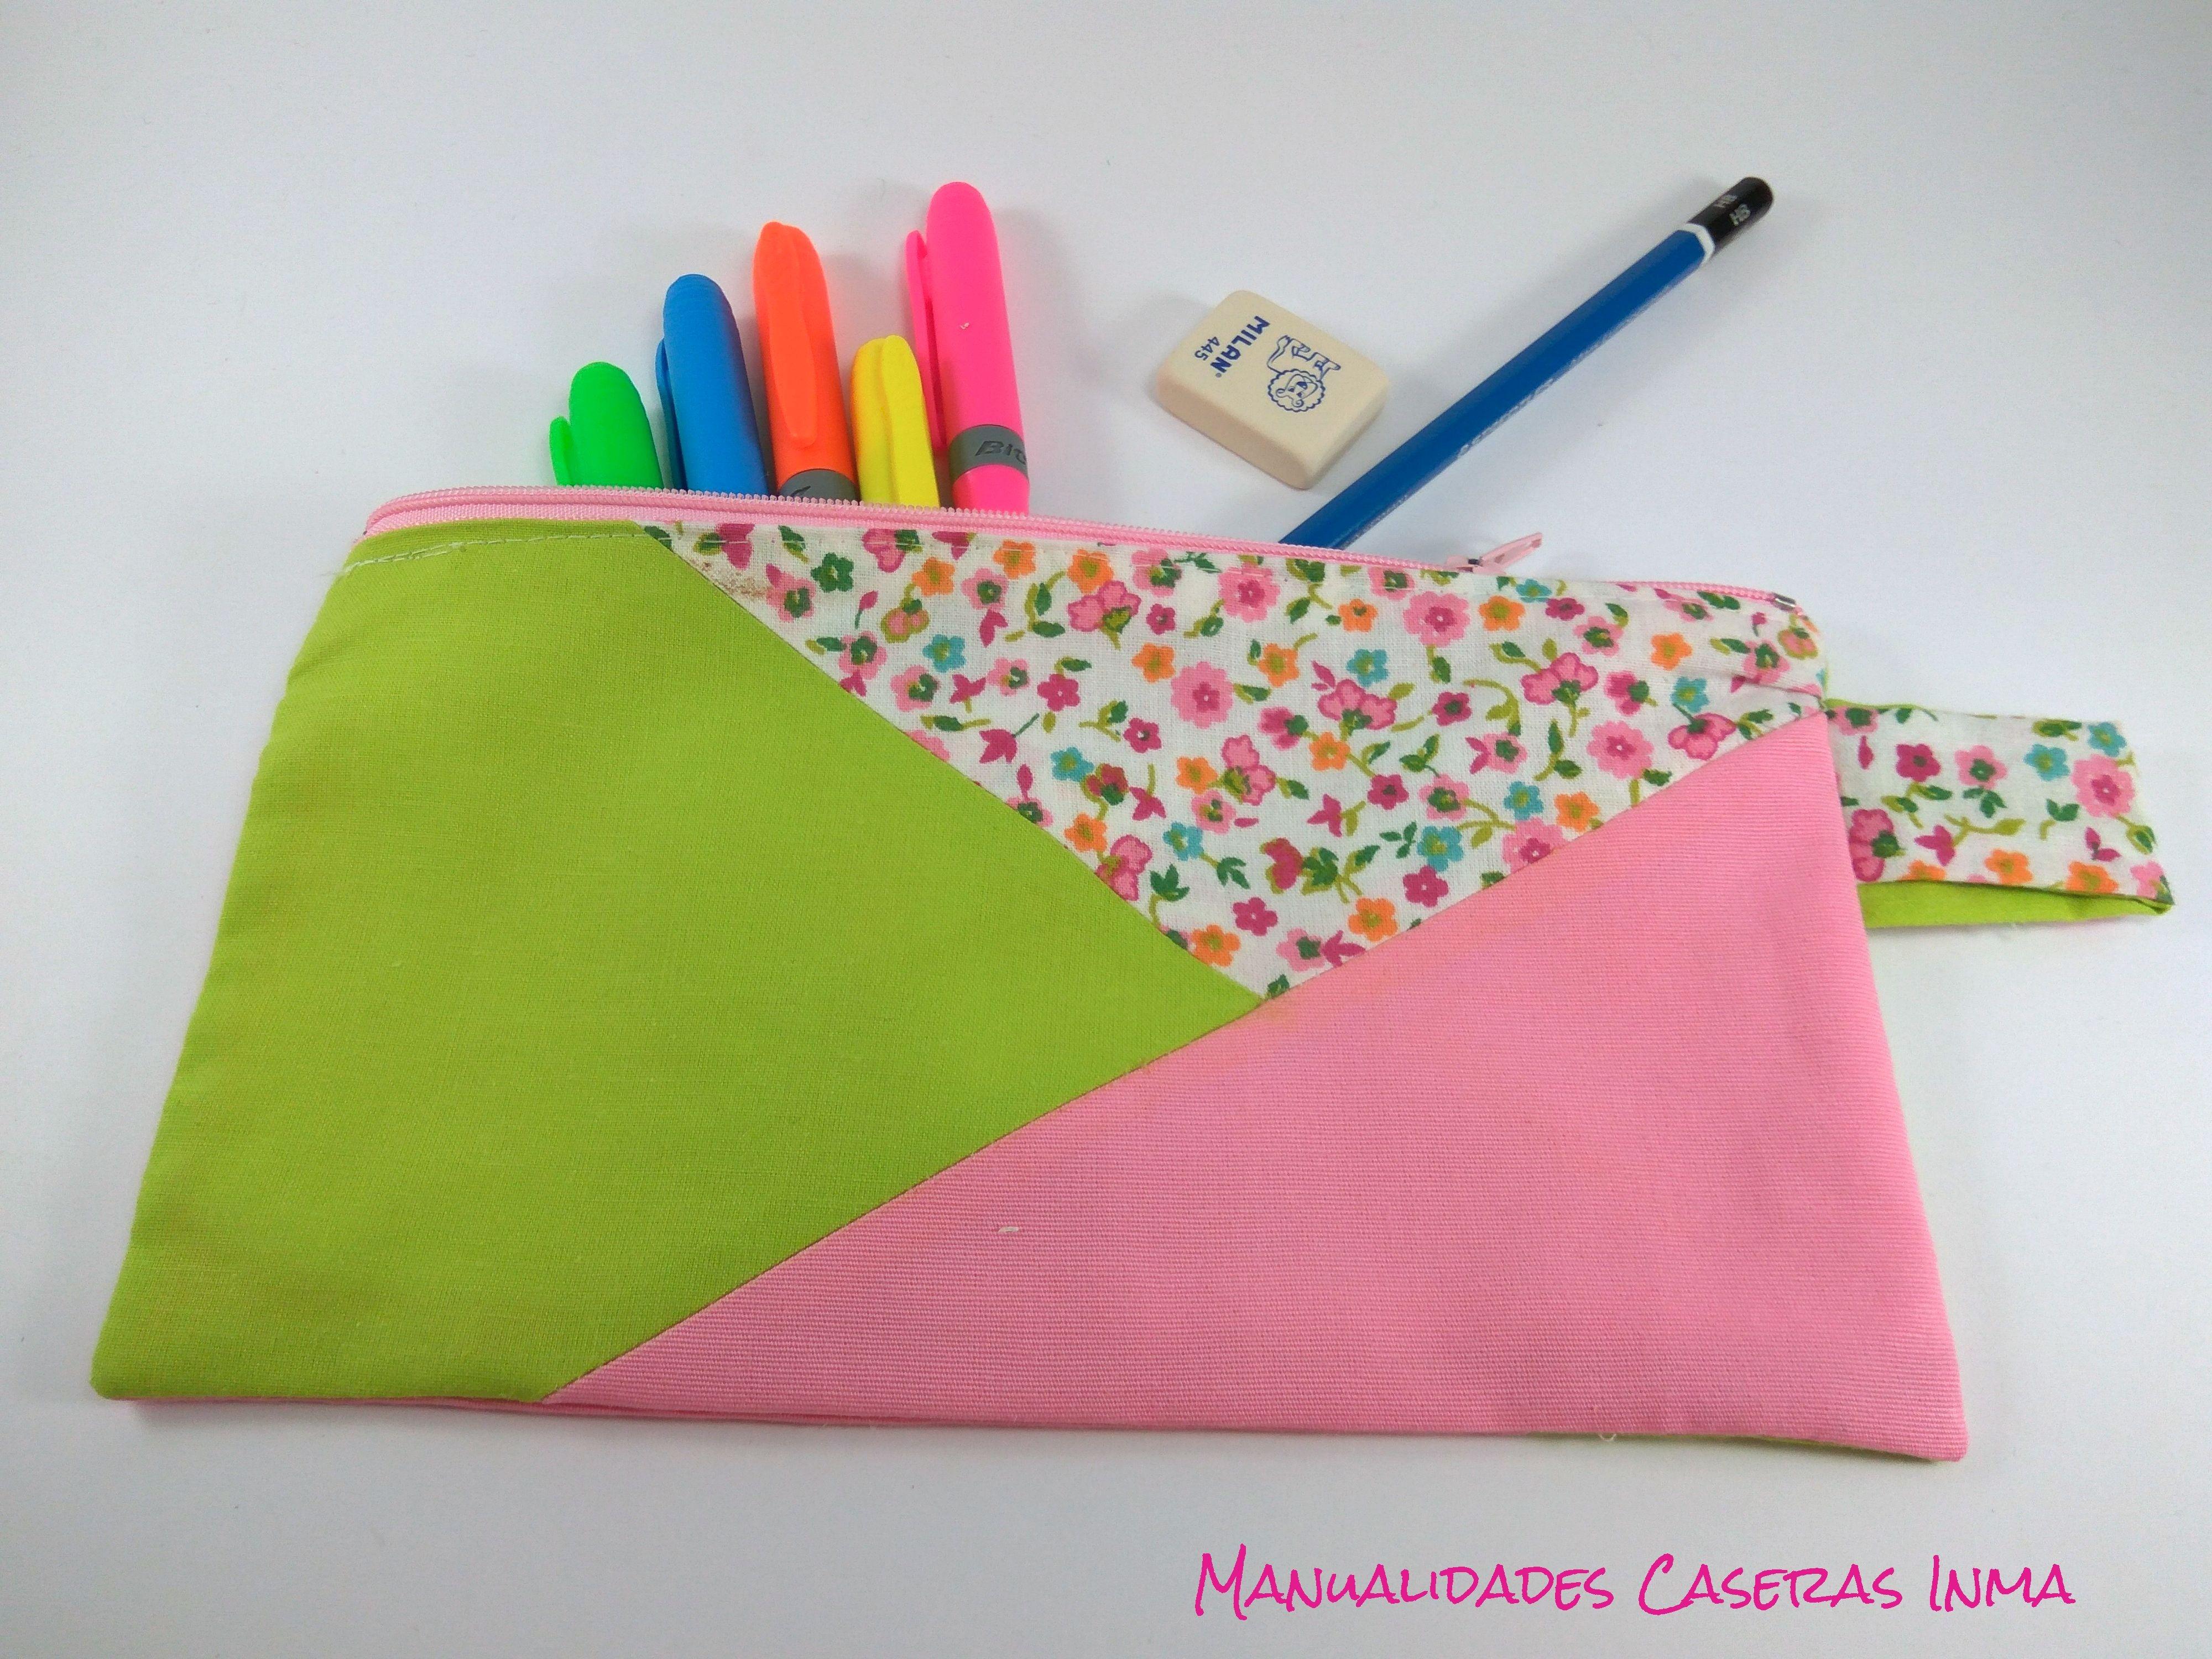 Manualidades Caseras Inma_ Estuche escolar hecho de retales verde, rosa y flores